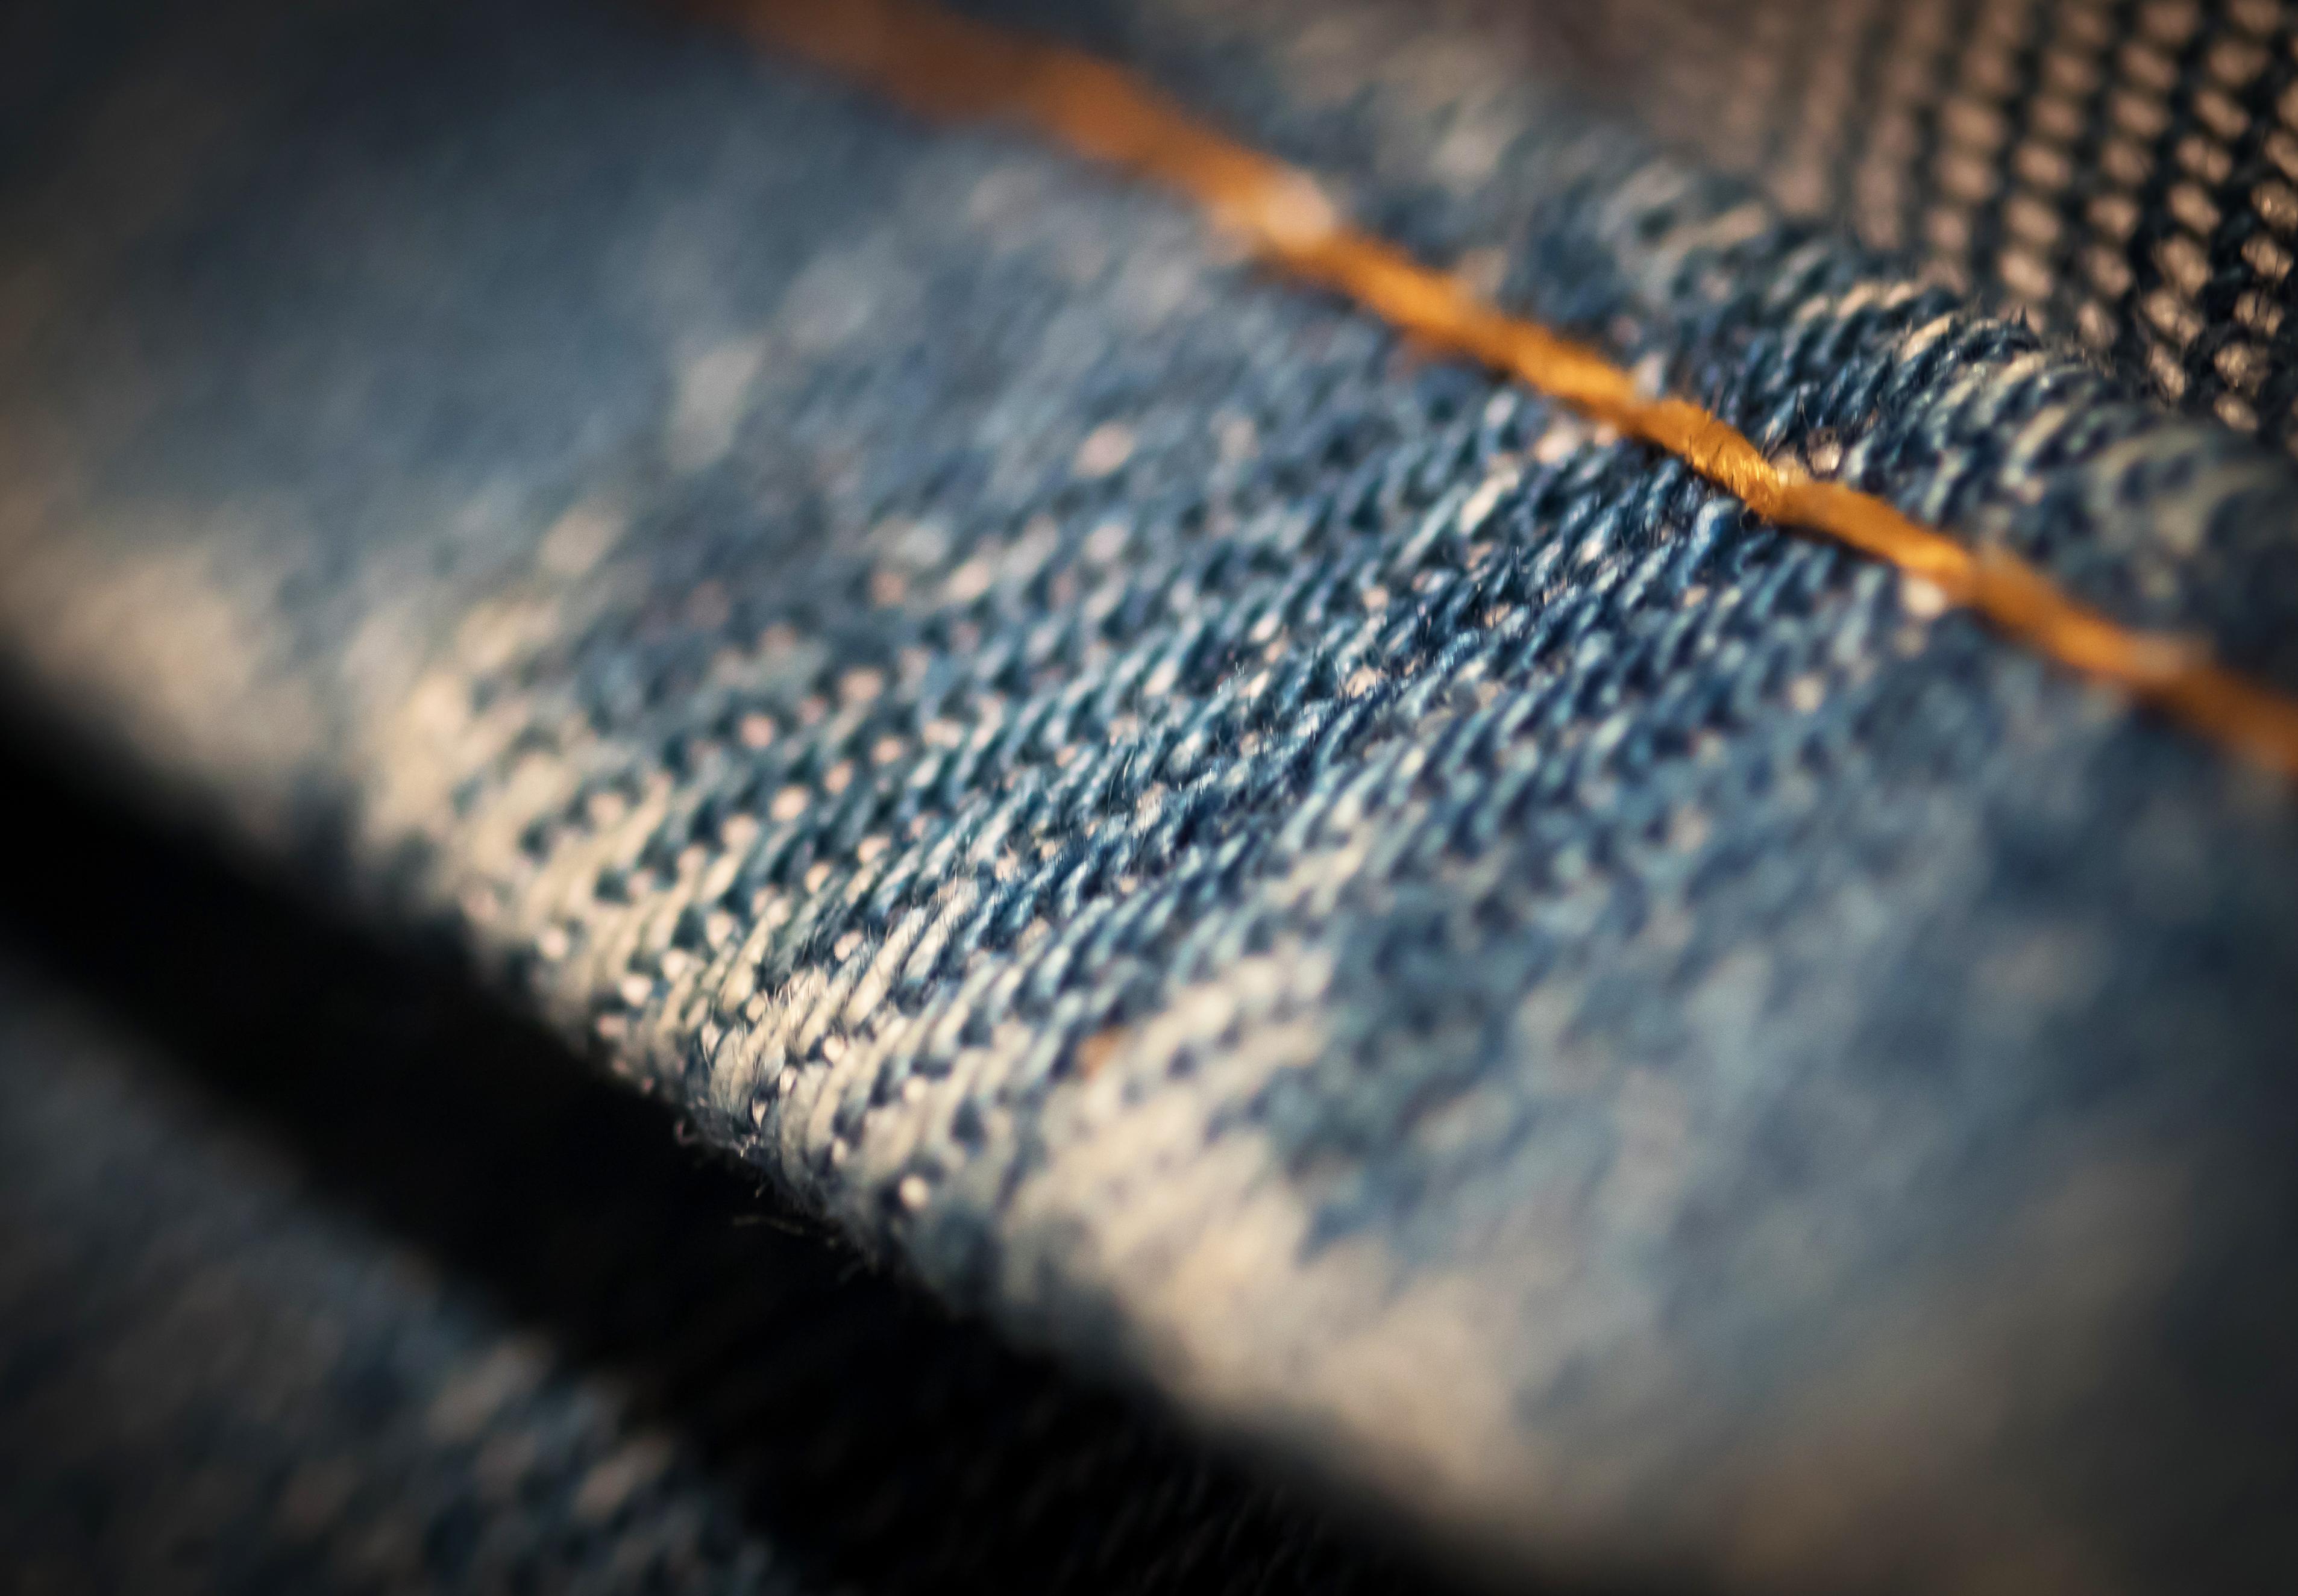 Jeans Levis Denim Macromondays Clothestextiles Canonefs60mmf28usm